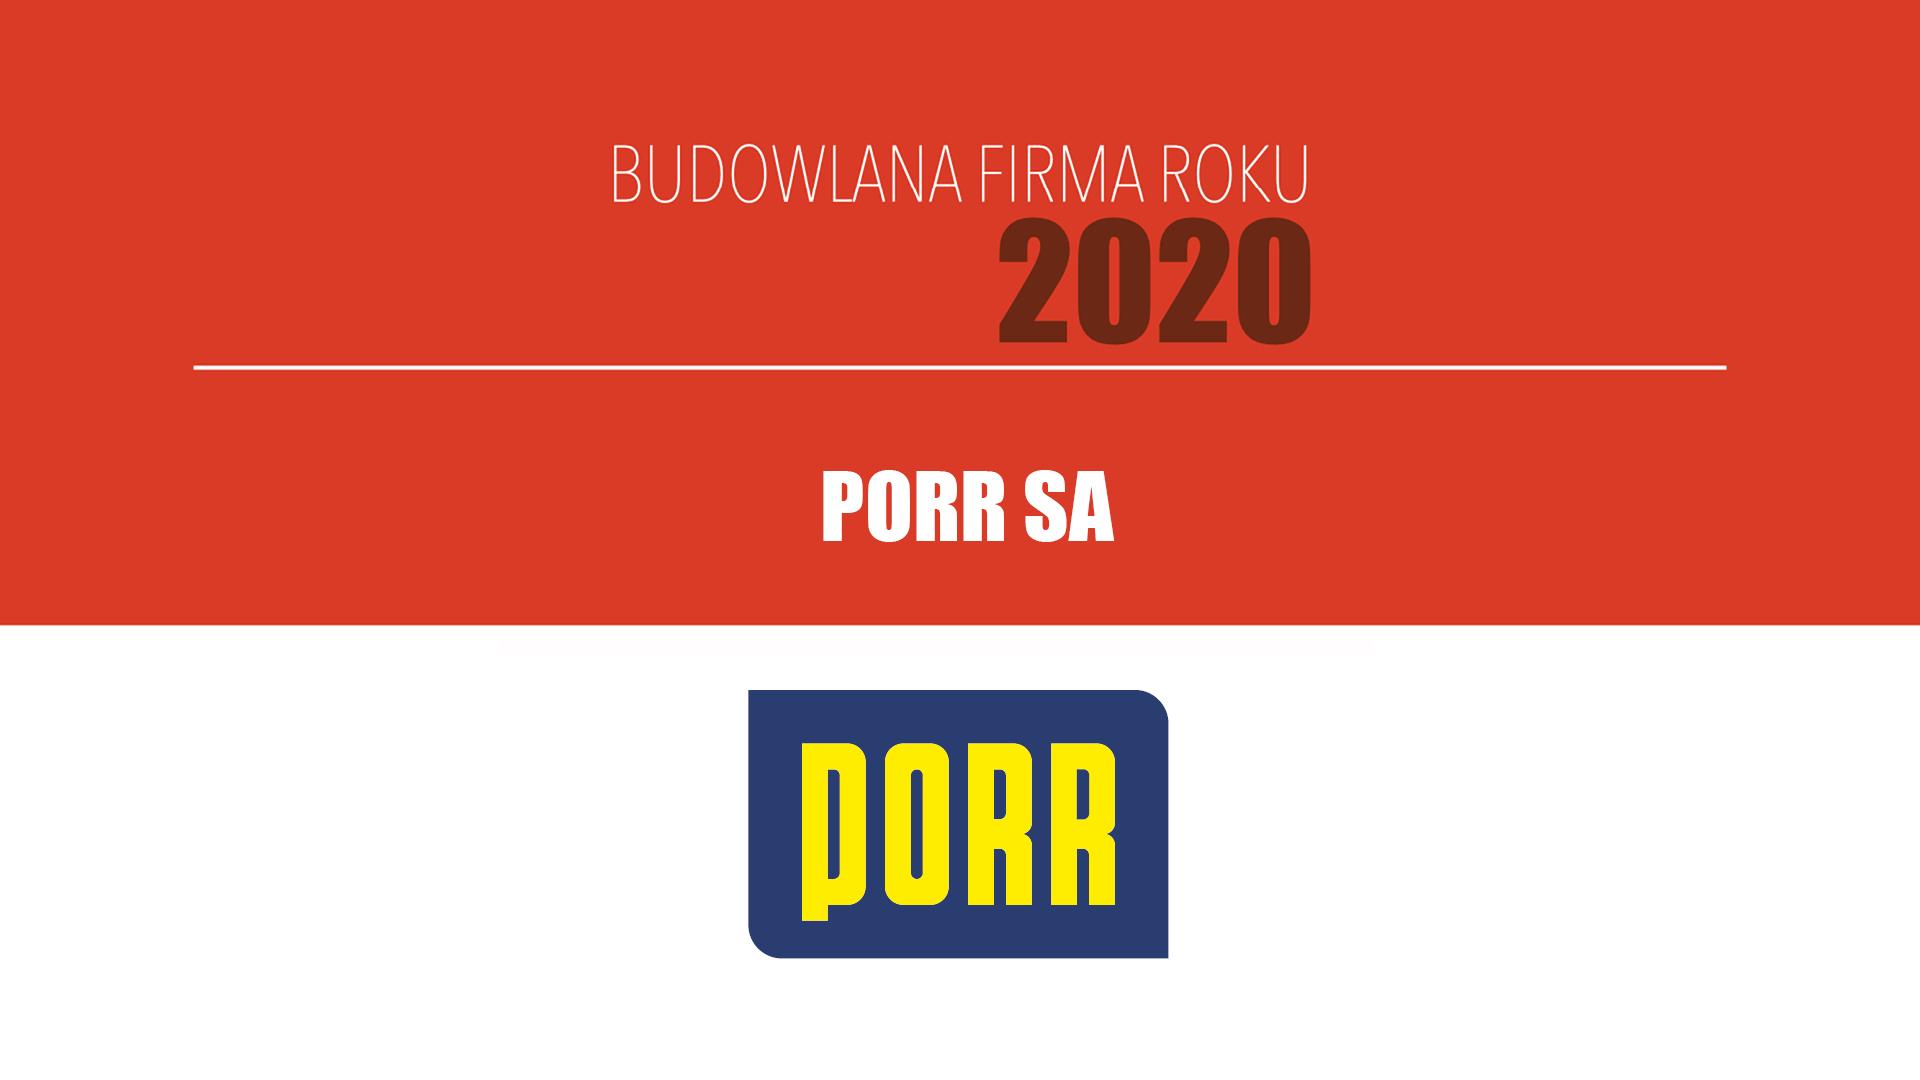 PORR SA – Budowlana Firma Roku 2020